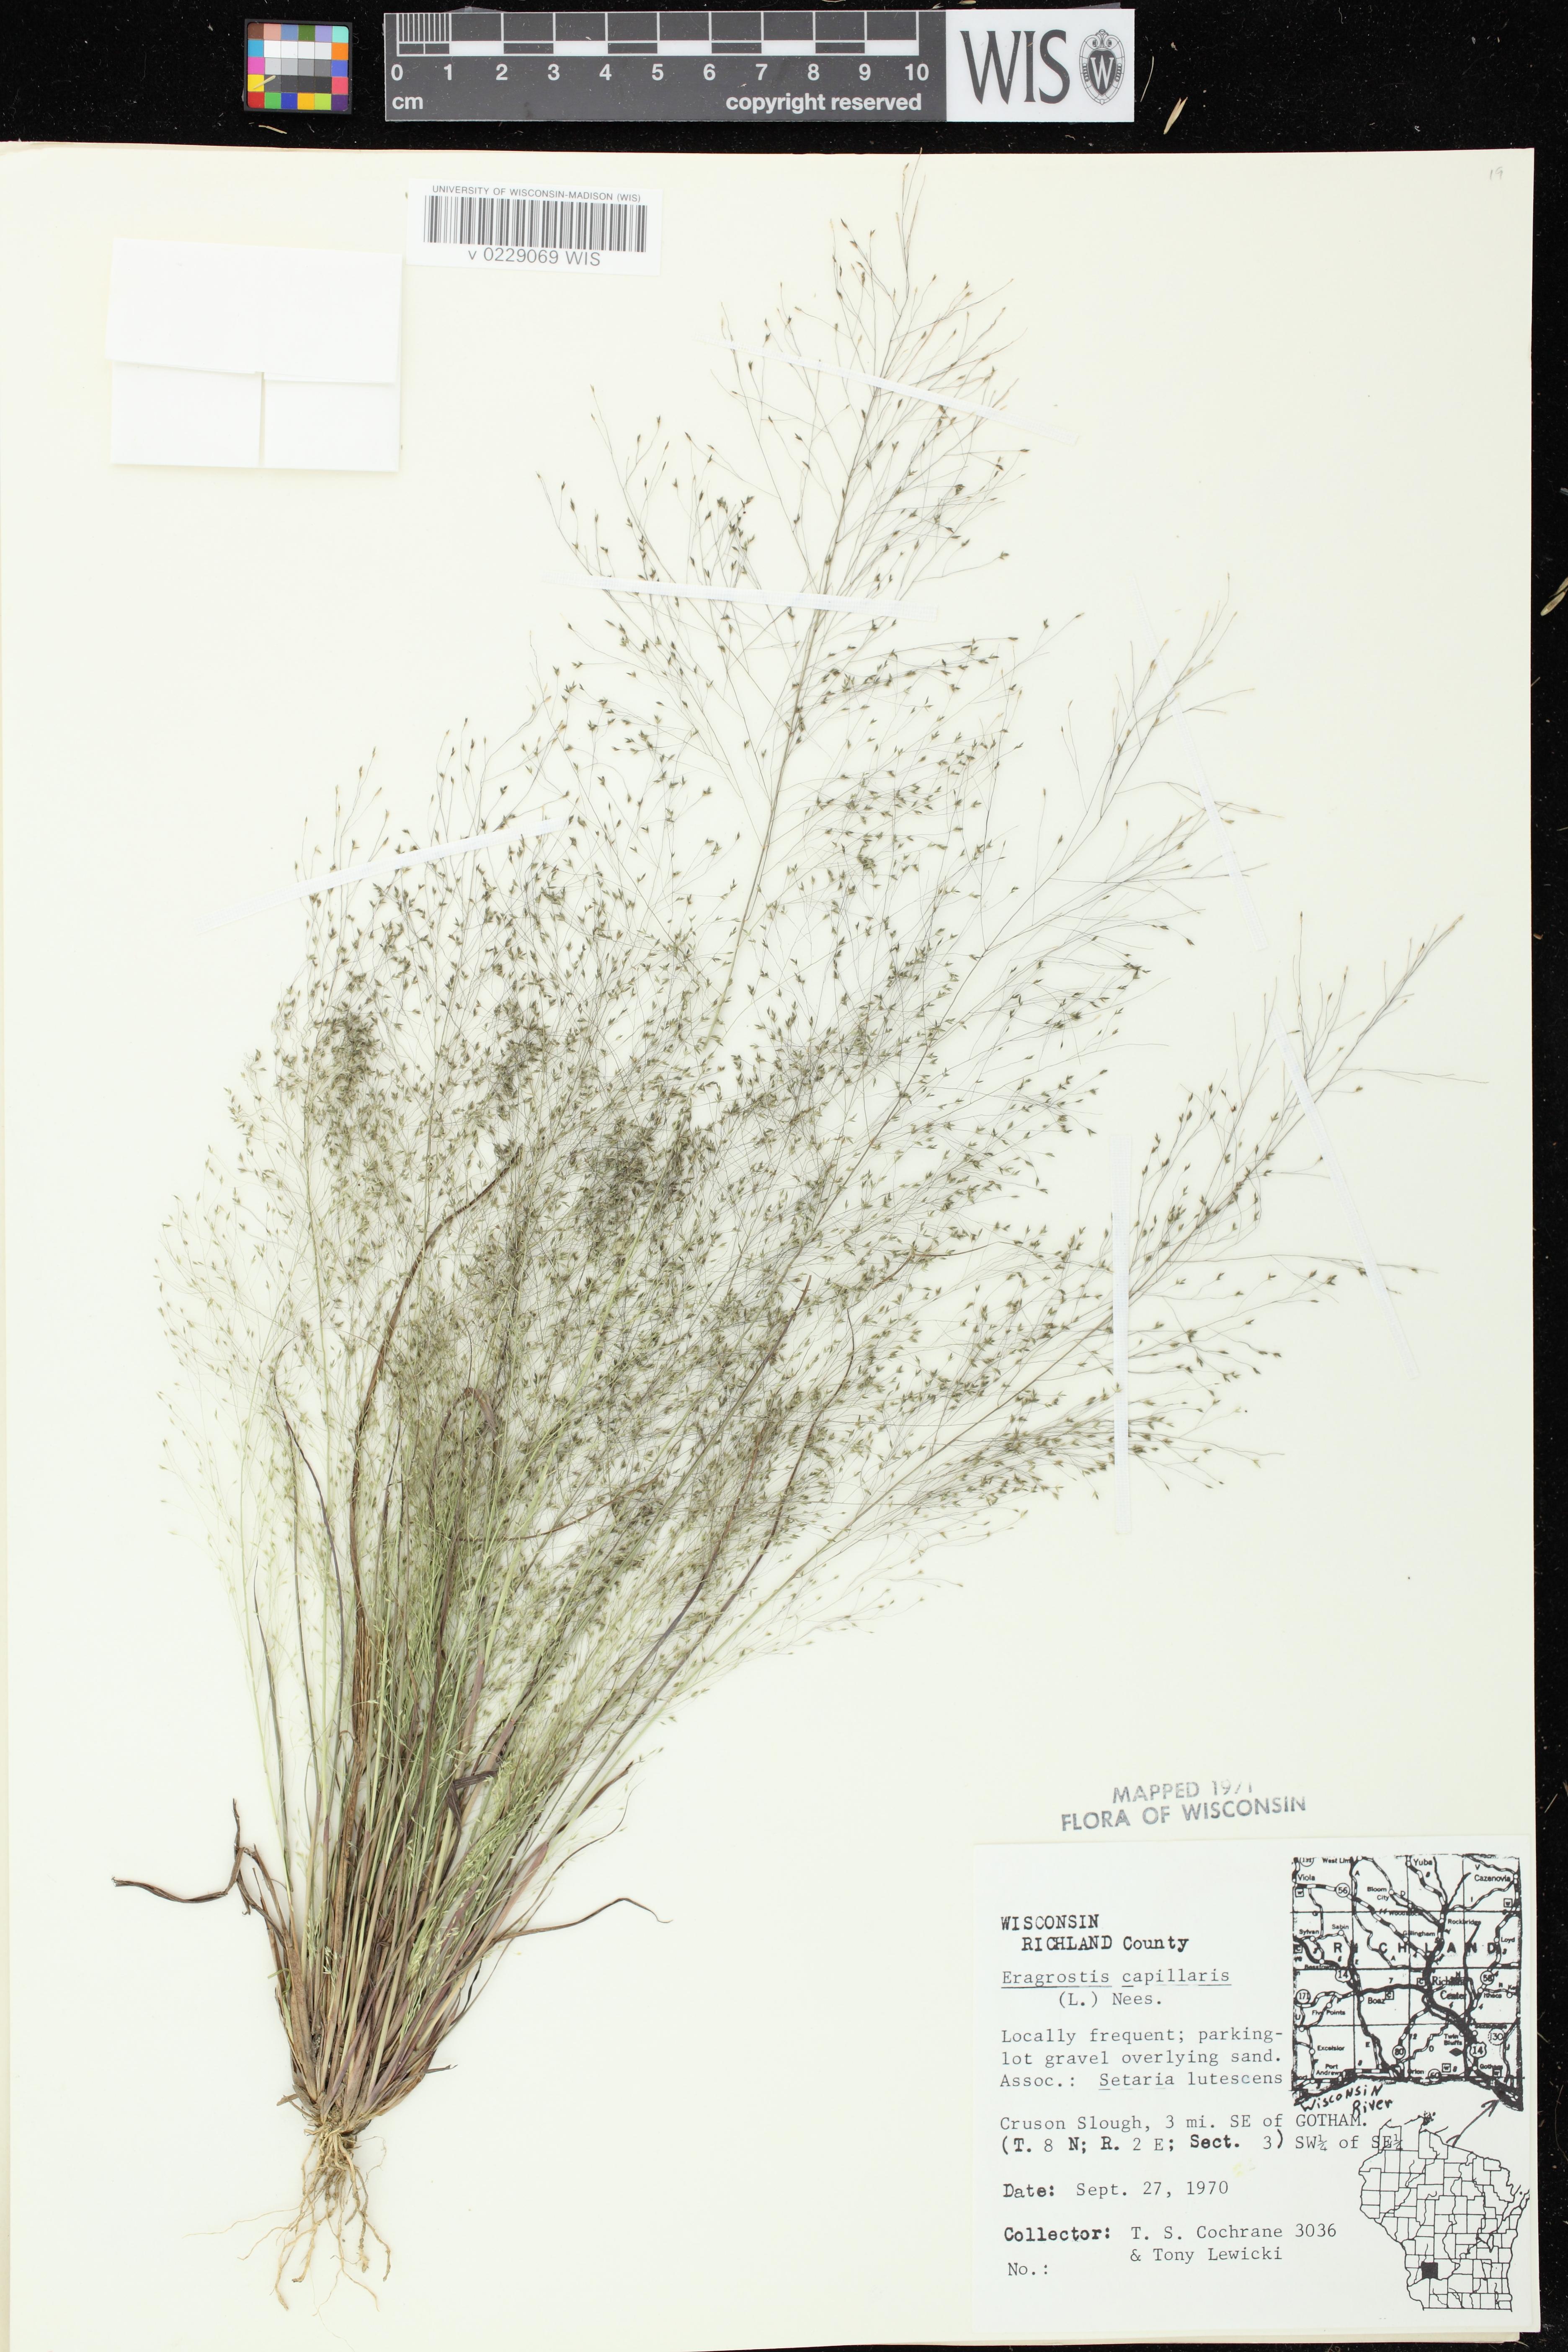 Image of Eragrostis capillaris